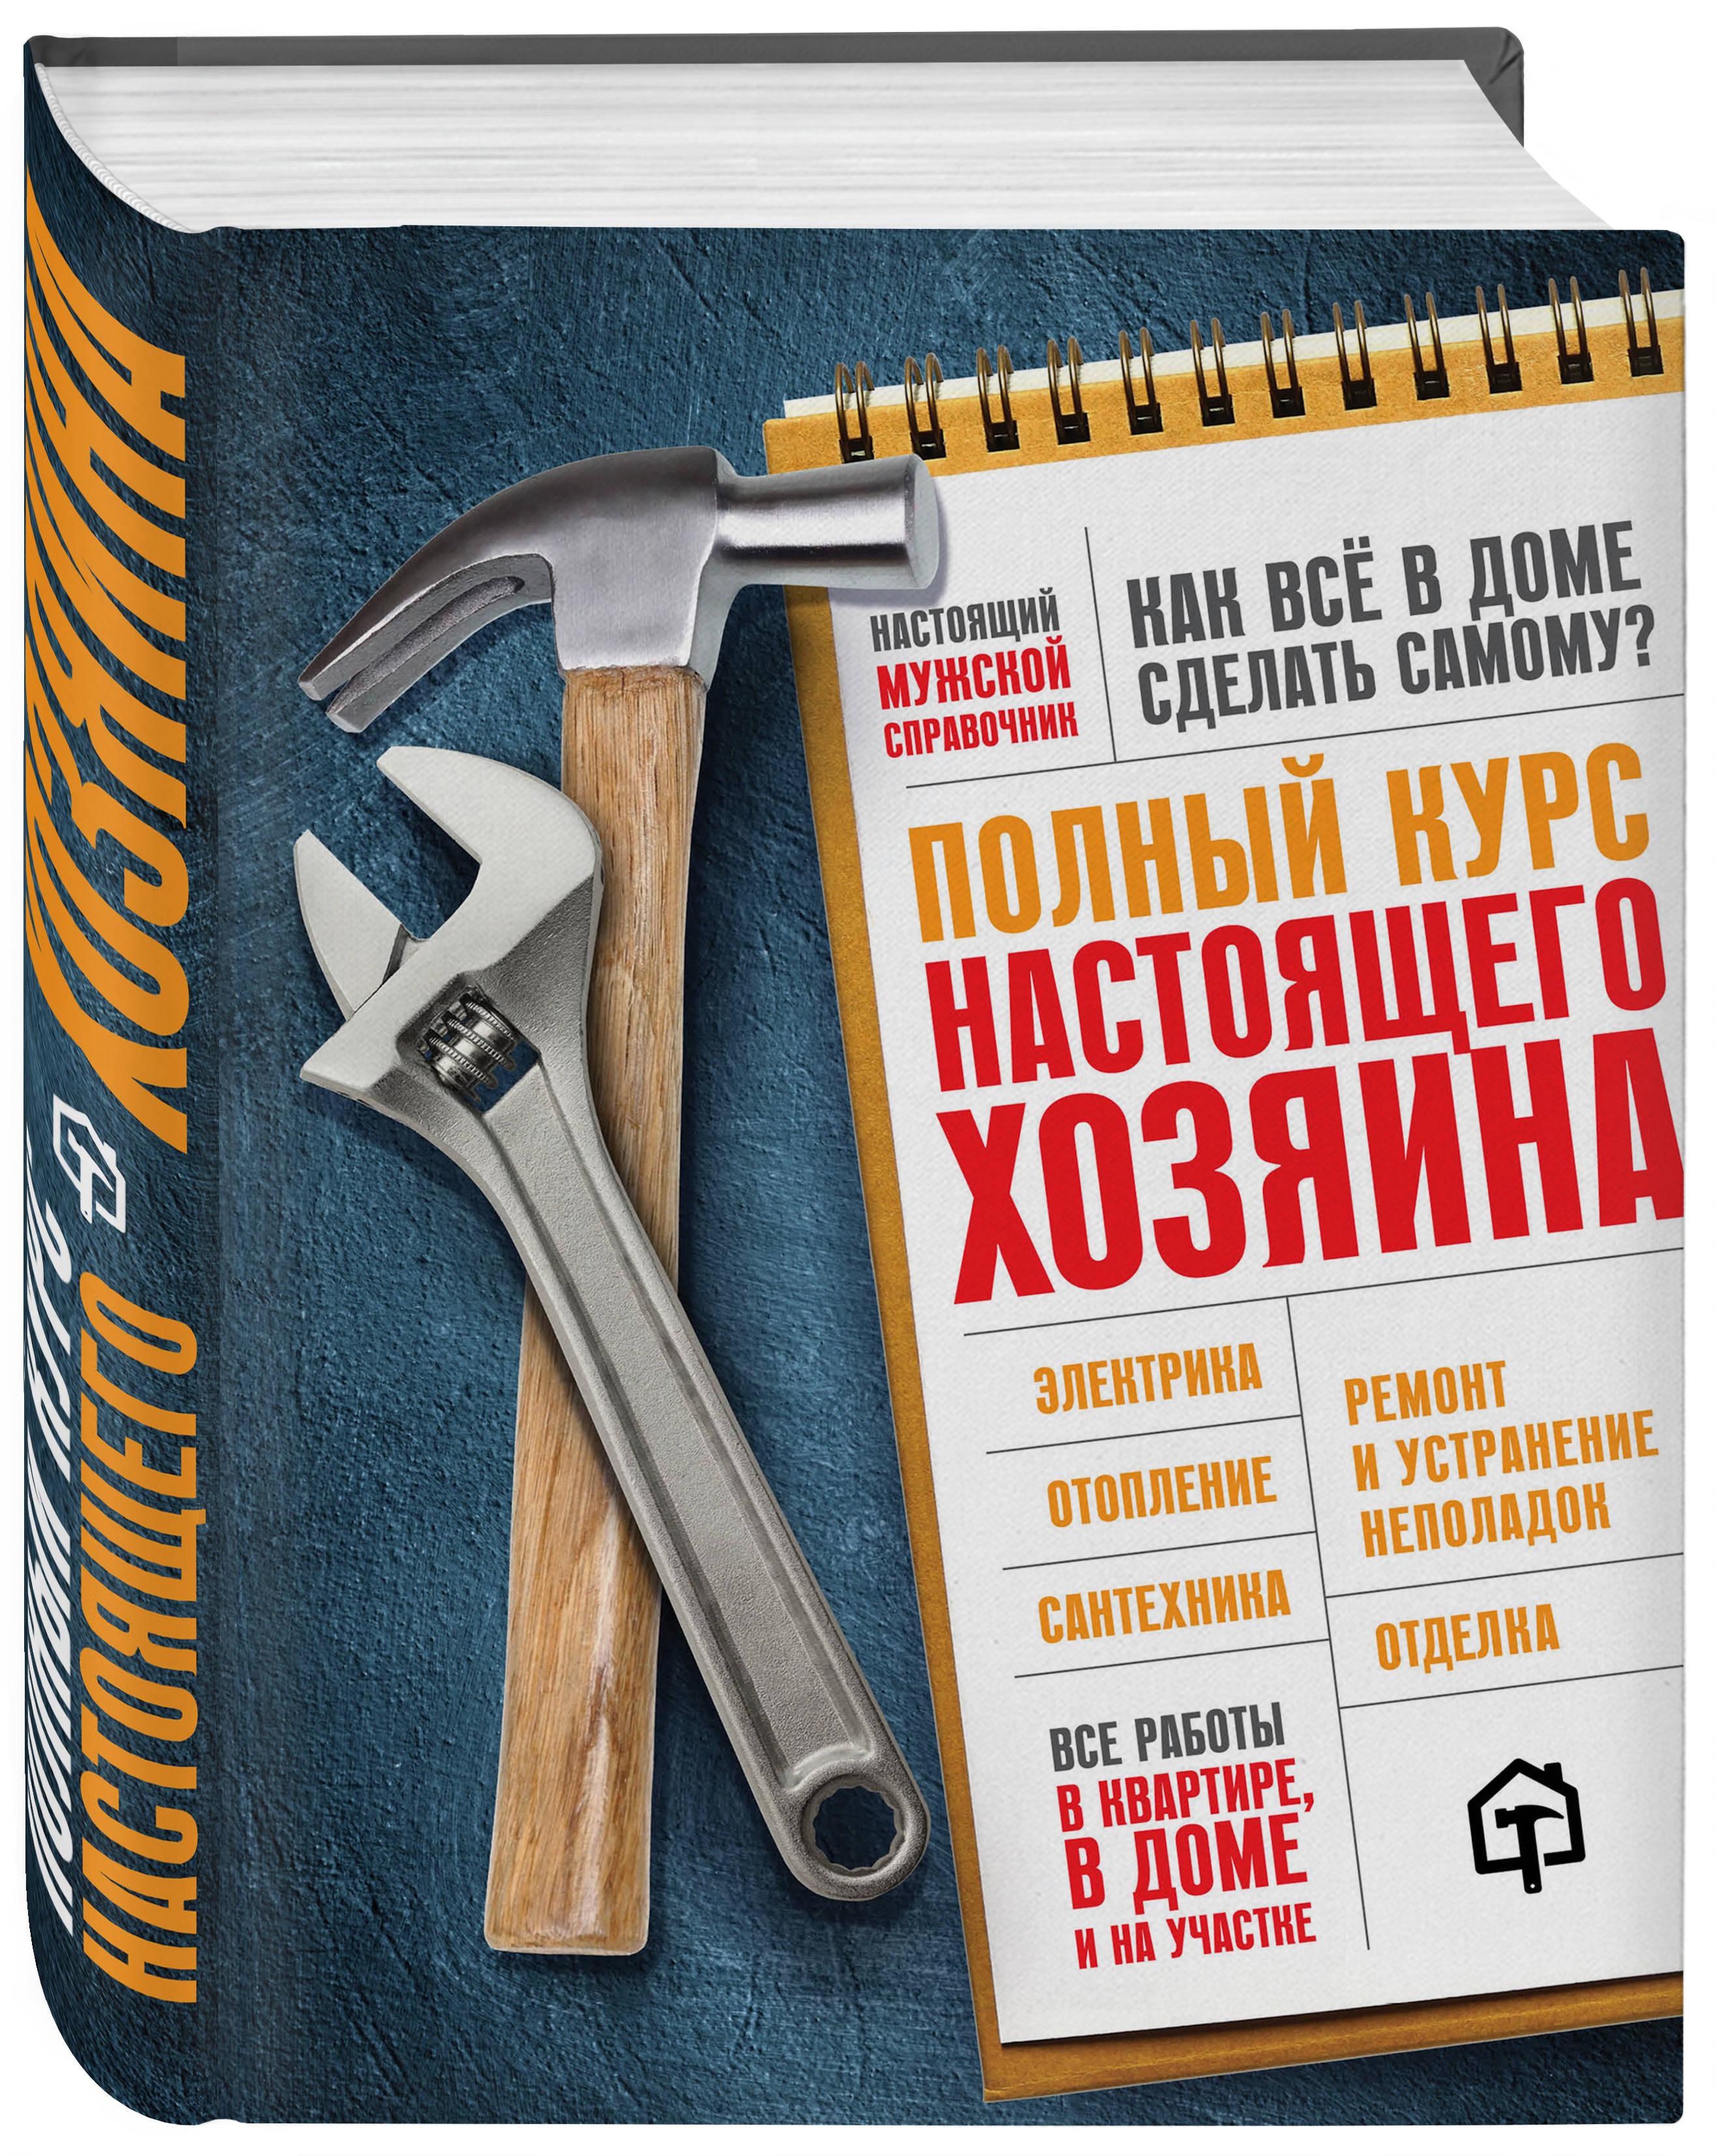 Полный курс настоящего хозяина. Все работы в квартире, в доме и на участке от book24.ru